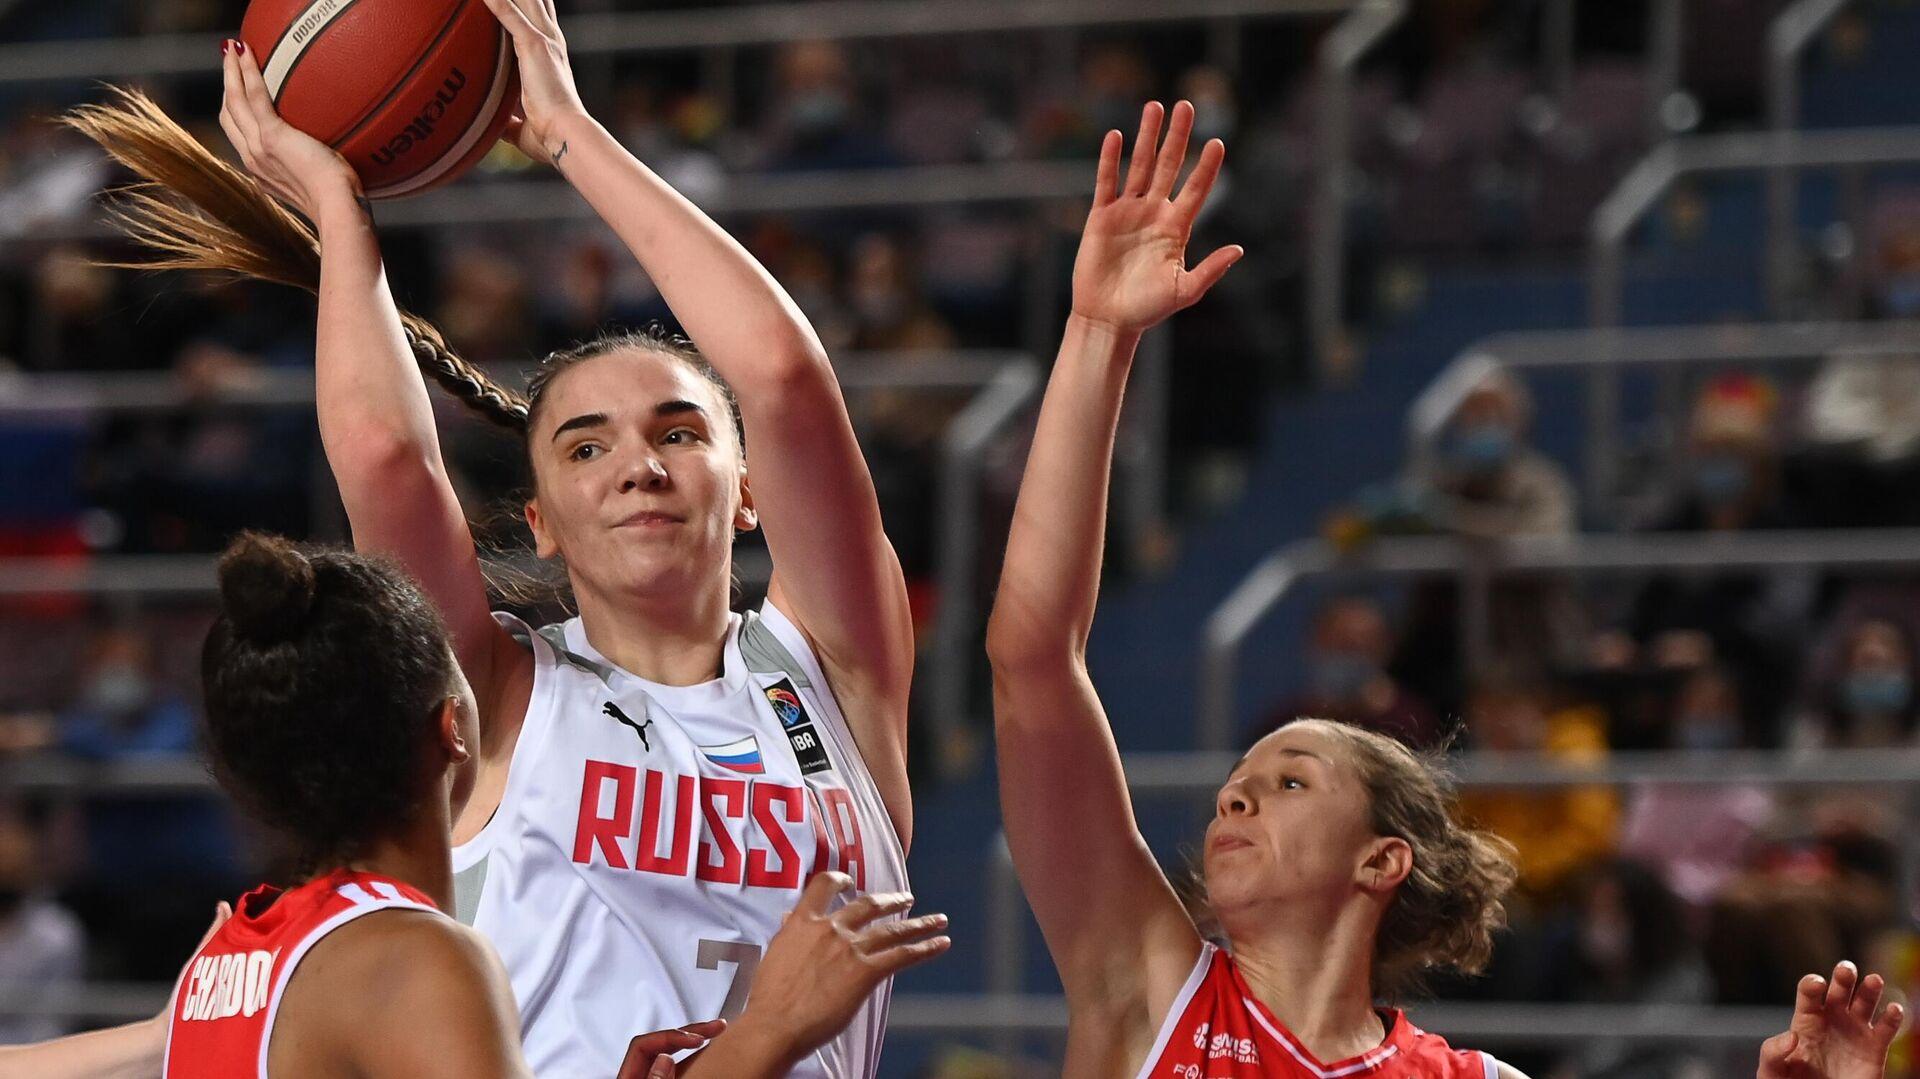 Баскетбол. Женщины. Квалификация Евробаскета-2021. Матч Россия – Швейцария - РИА Новости, 1920, 03.03.2021